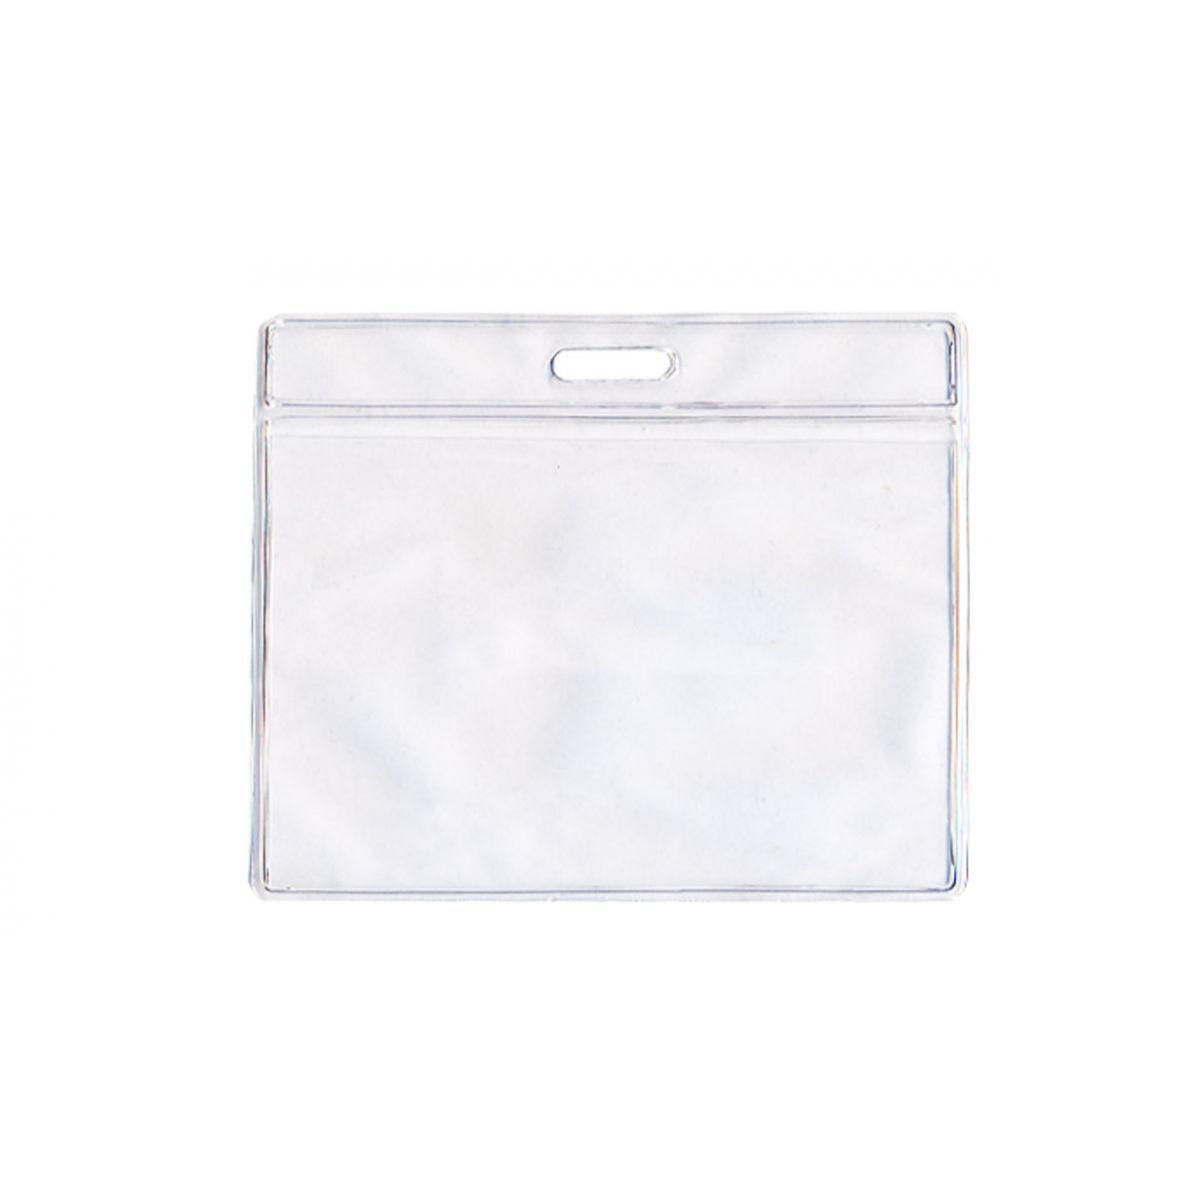 Protetor Porta Crachá em Bolsa PVC Cristal Horizontal 58x89x0,20mm - Pacote com 100 unidades  - Click Suprimentos